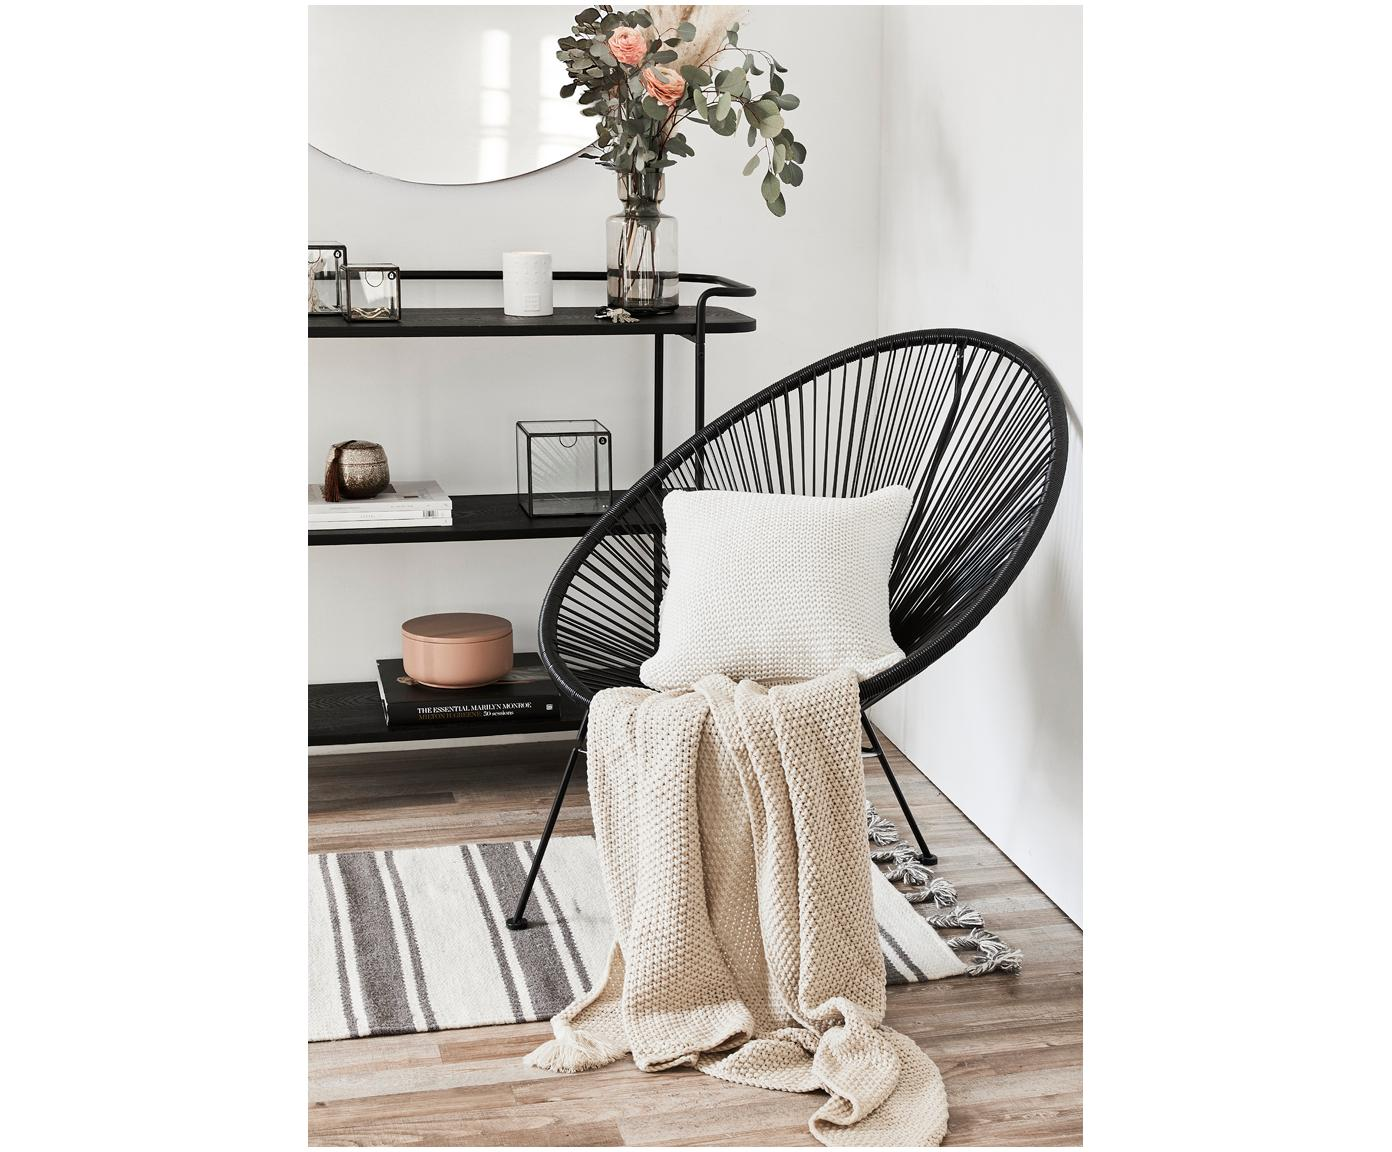 Poszewka na poduszkę z dzianiny Adalyn, 100% bawełna, Biały, S 40 x D 40 cm